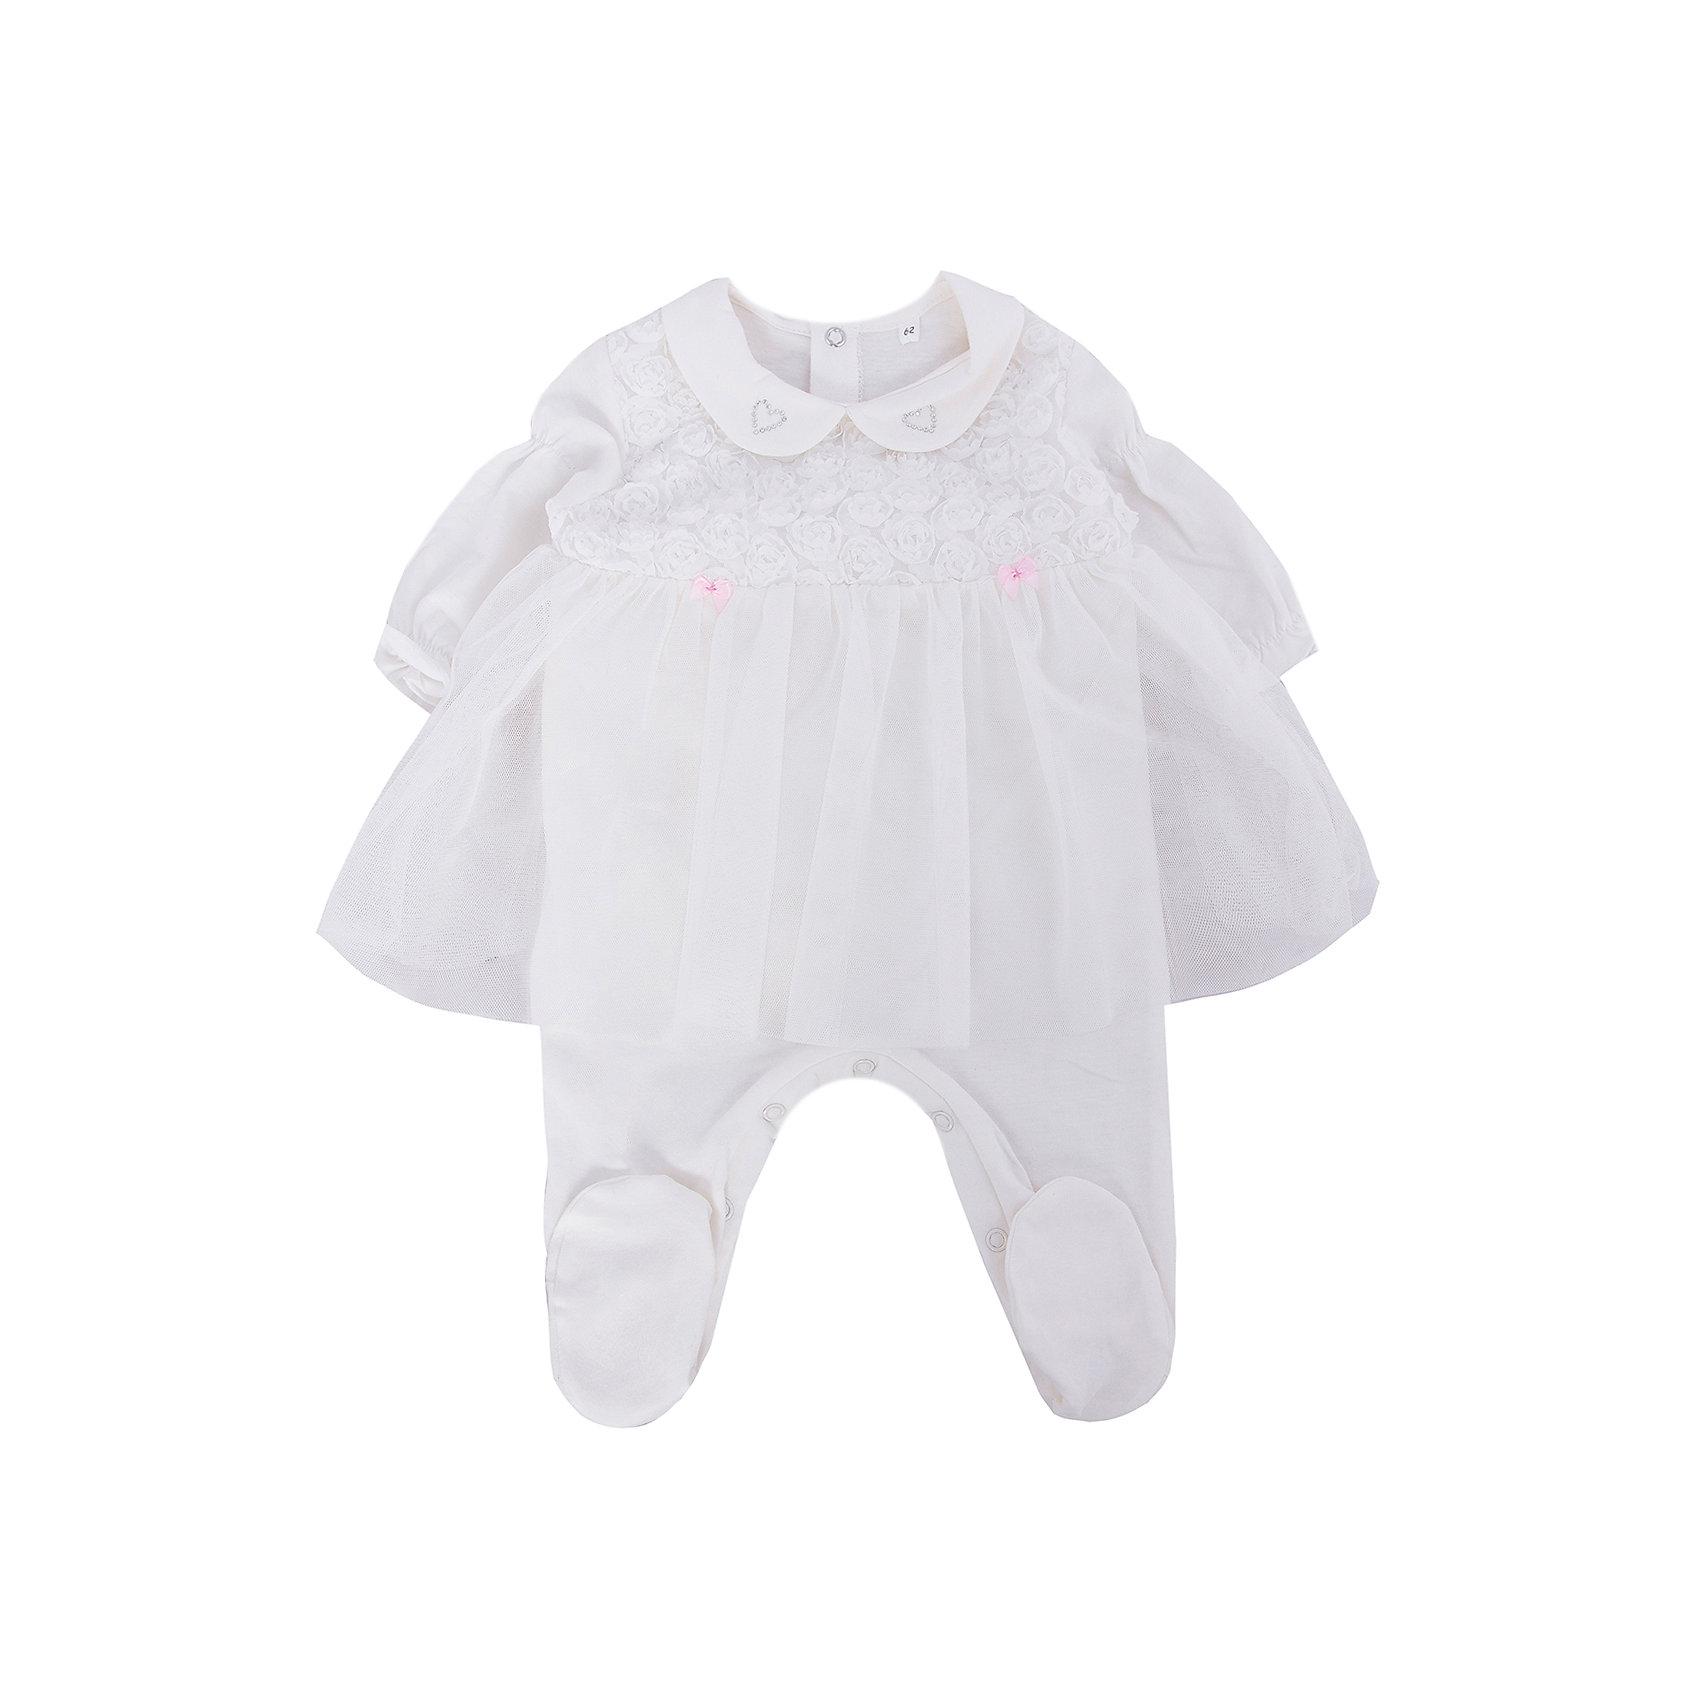 Комбинезон для девочки Soni KidsКомбинезон для девочки от популярной марки Soni Kids <br> <br>Удобный и нарядный комбинезон сшит из мягкого дышащего хлопка. Это гипоаллергенный материал, который отлично подходит для детской одежды. Правильный крой обеспечит ребенку удобство, не будет натирать и стеснять движения. <br> <br>Особенности модели: <br> <br>- цвет - белый; <br>- материал - натуральный хлопок; <br>- отделка текстильными цветами; <br>- длинные рукава; <br>- отложной воротник; <br>- имитация юбки; <br>- модель декорирована бантиками и стразами; <br>- застежки - кнопки на спине и внизу. <br> <br>Дополнительная информация: <br> <br>Состав: 100% хлопок <br> <br>Комбинезон для девочки от популярной марки Soni Kids (Сони Кидс) можно купить в нашем магазине.<br><br>Ширина мм: 157<br>Глубина мм: 13<br>Высота мм: 119<br>Вес г: 200<br>Цвет: белый<br>Возраст от месяцев: 3<br>Возраст до месяцев: 6<br>Пол: Женский<br>Возраст: Детский<br>Размер: 68,62,74<br>SKU: 4545009